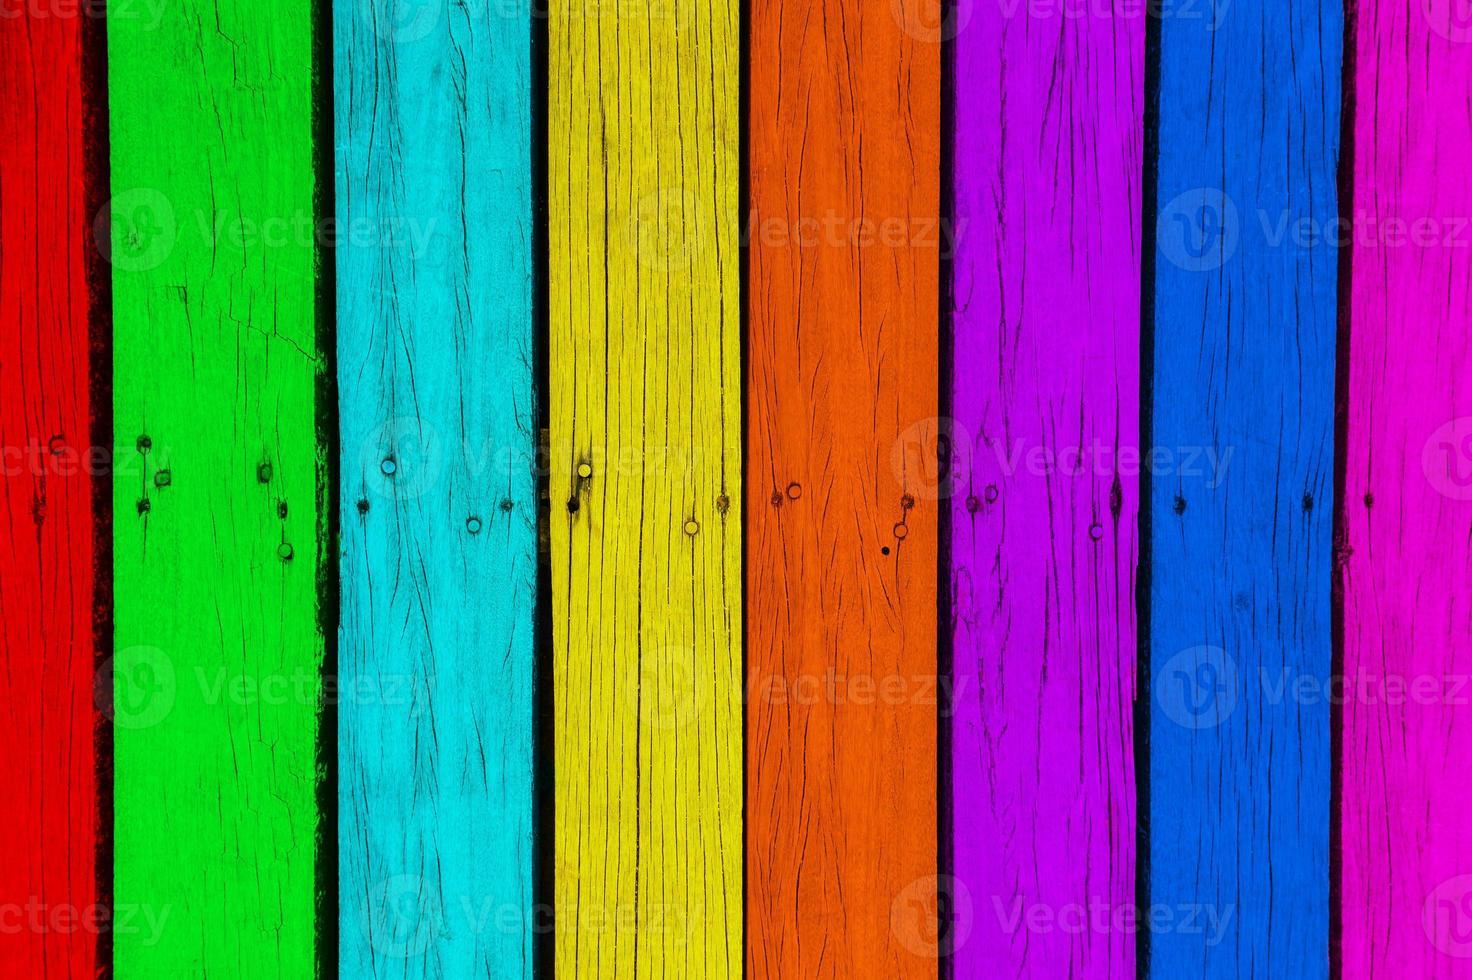 de kleur houtstructuur, natuurlijke patronen achtergrond foto